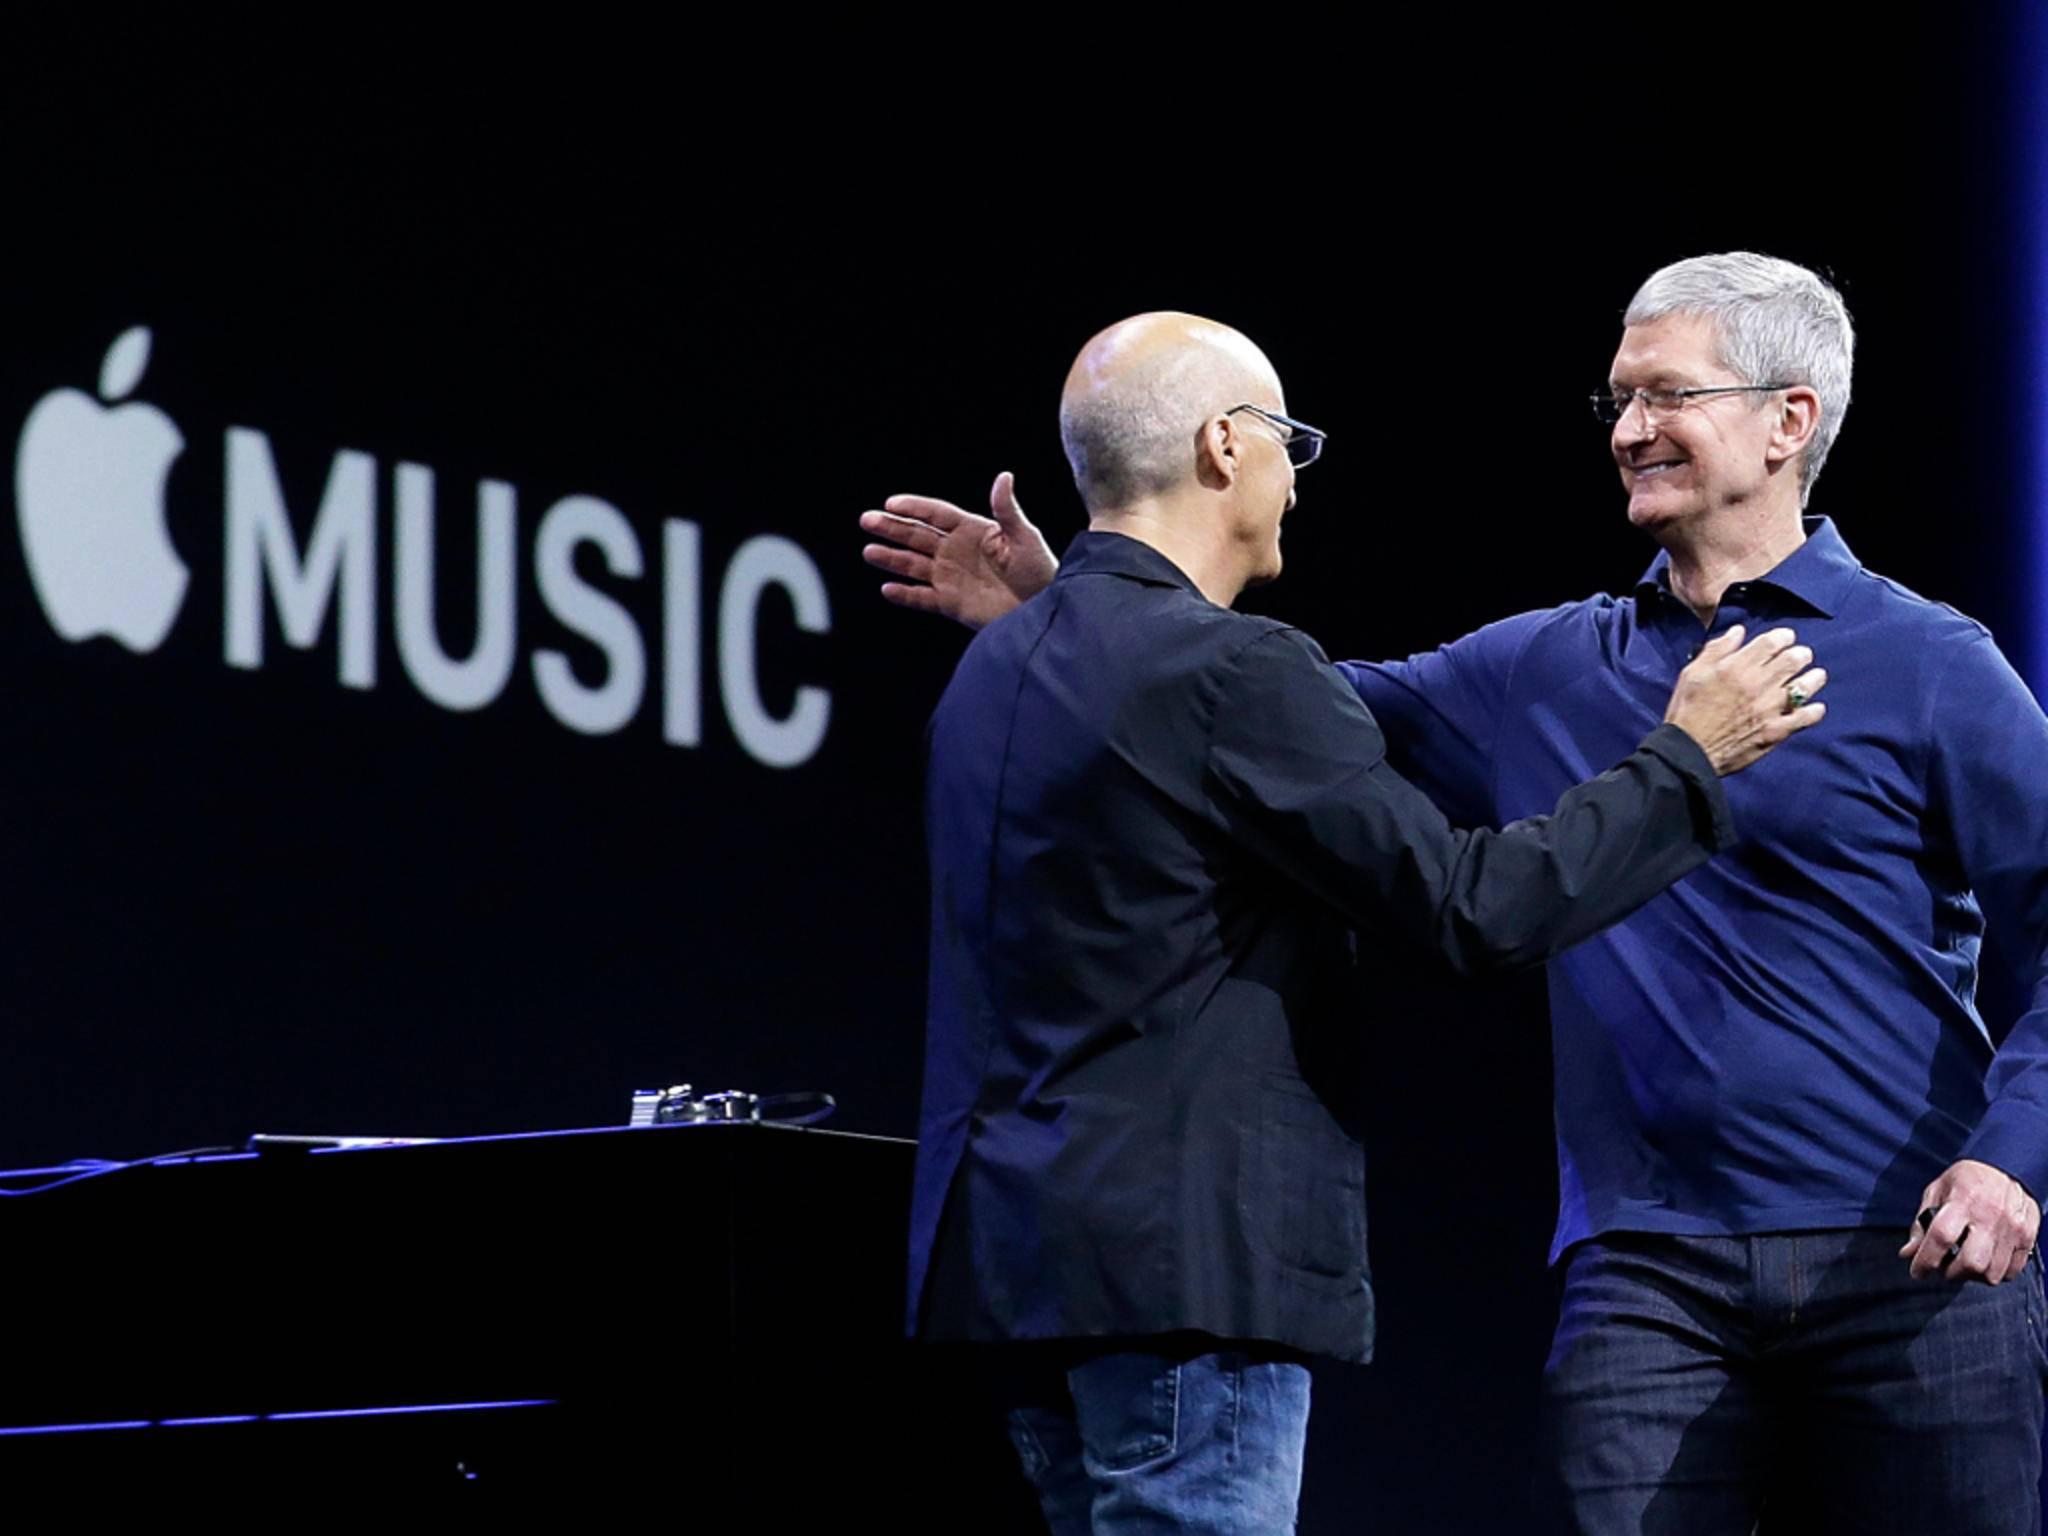 Die Vorstellung von Apple Music erfolgte im Rahmen der WWDC 2015.